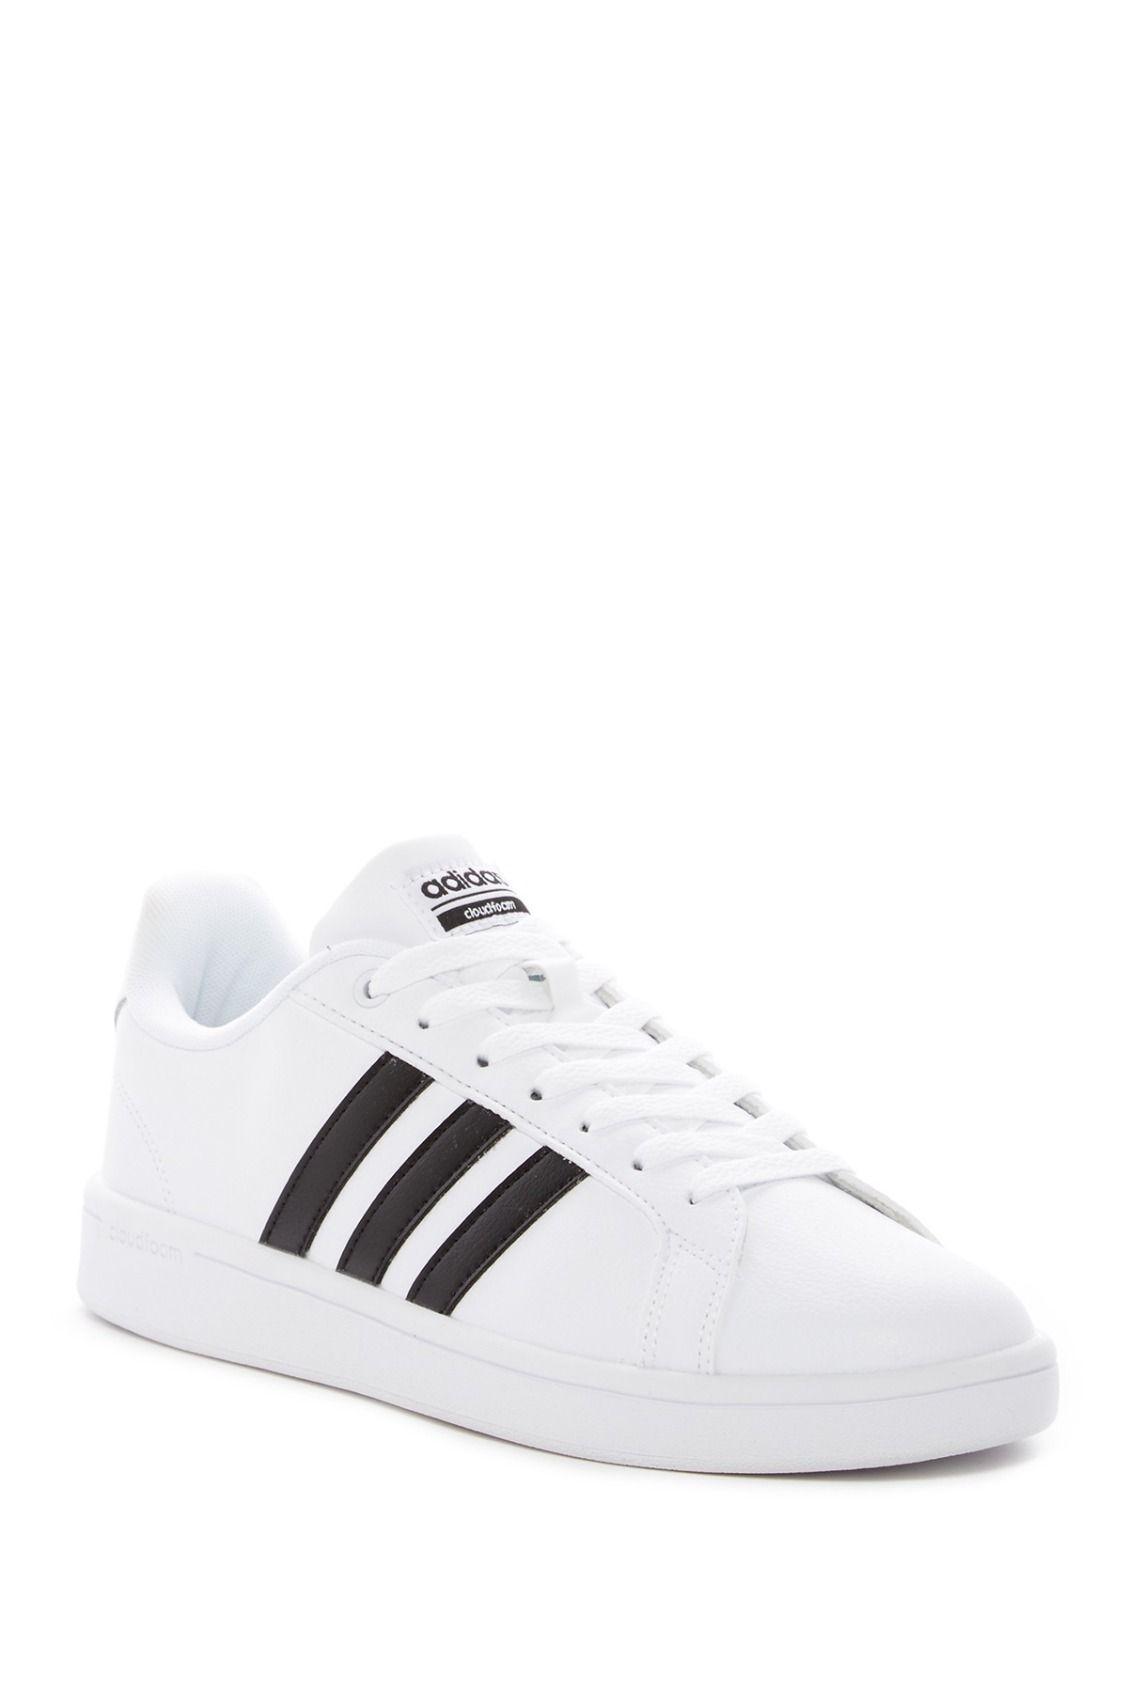 Adidas Advantage Cloudfoam Schoenen The voor dagen Sneakers Classics qHZnxAxz